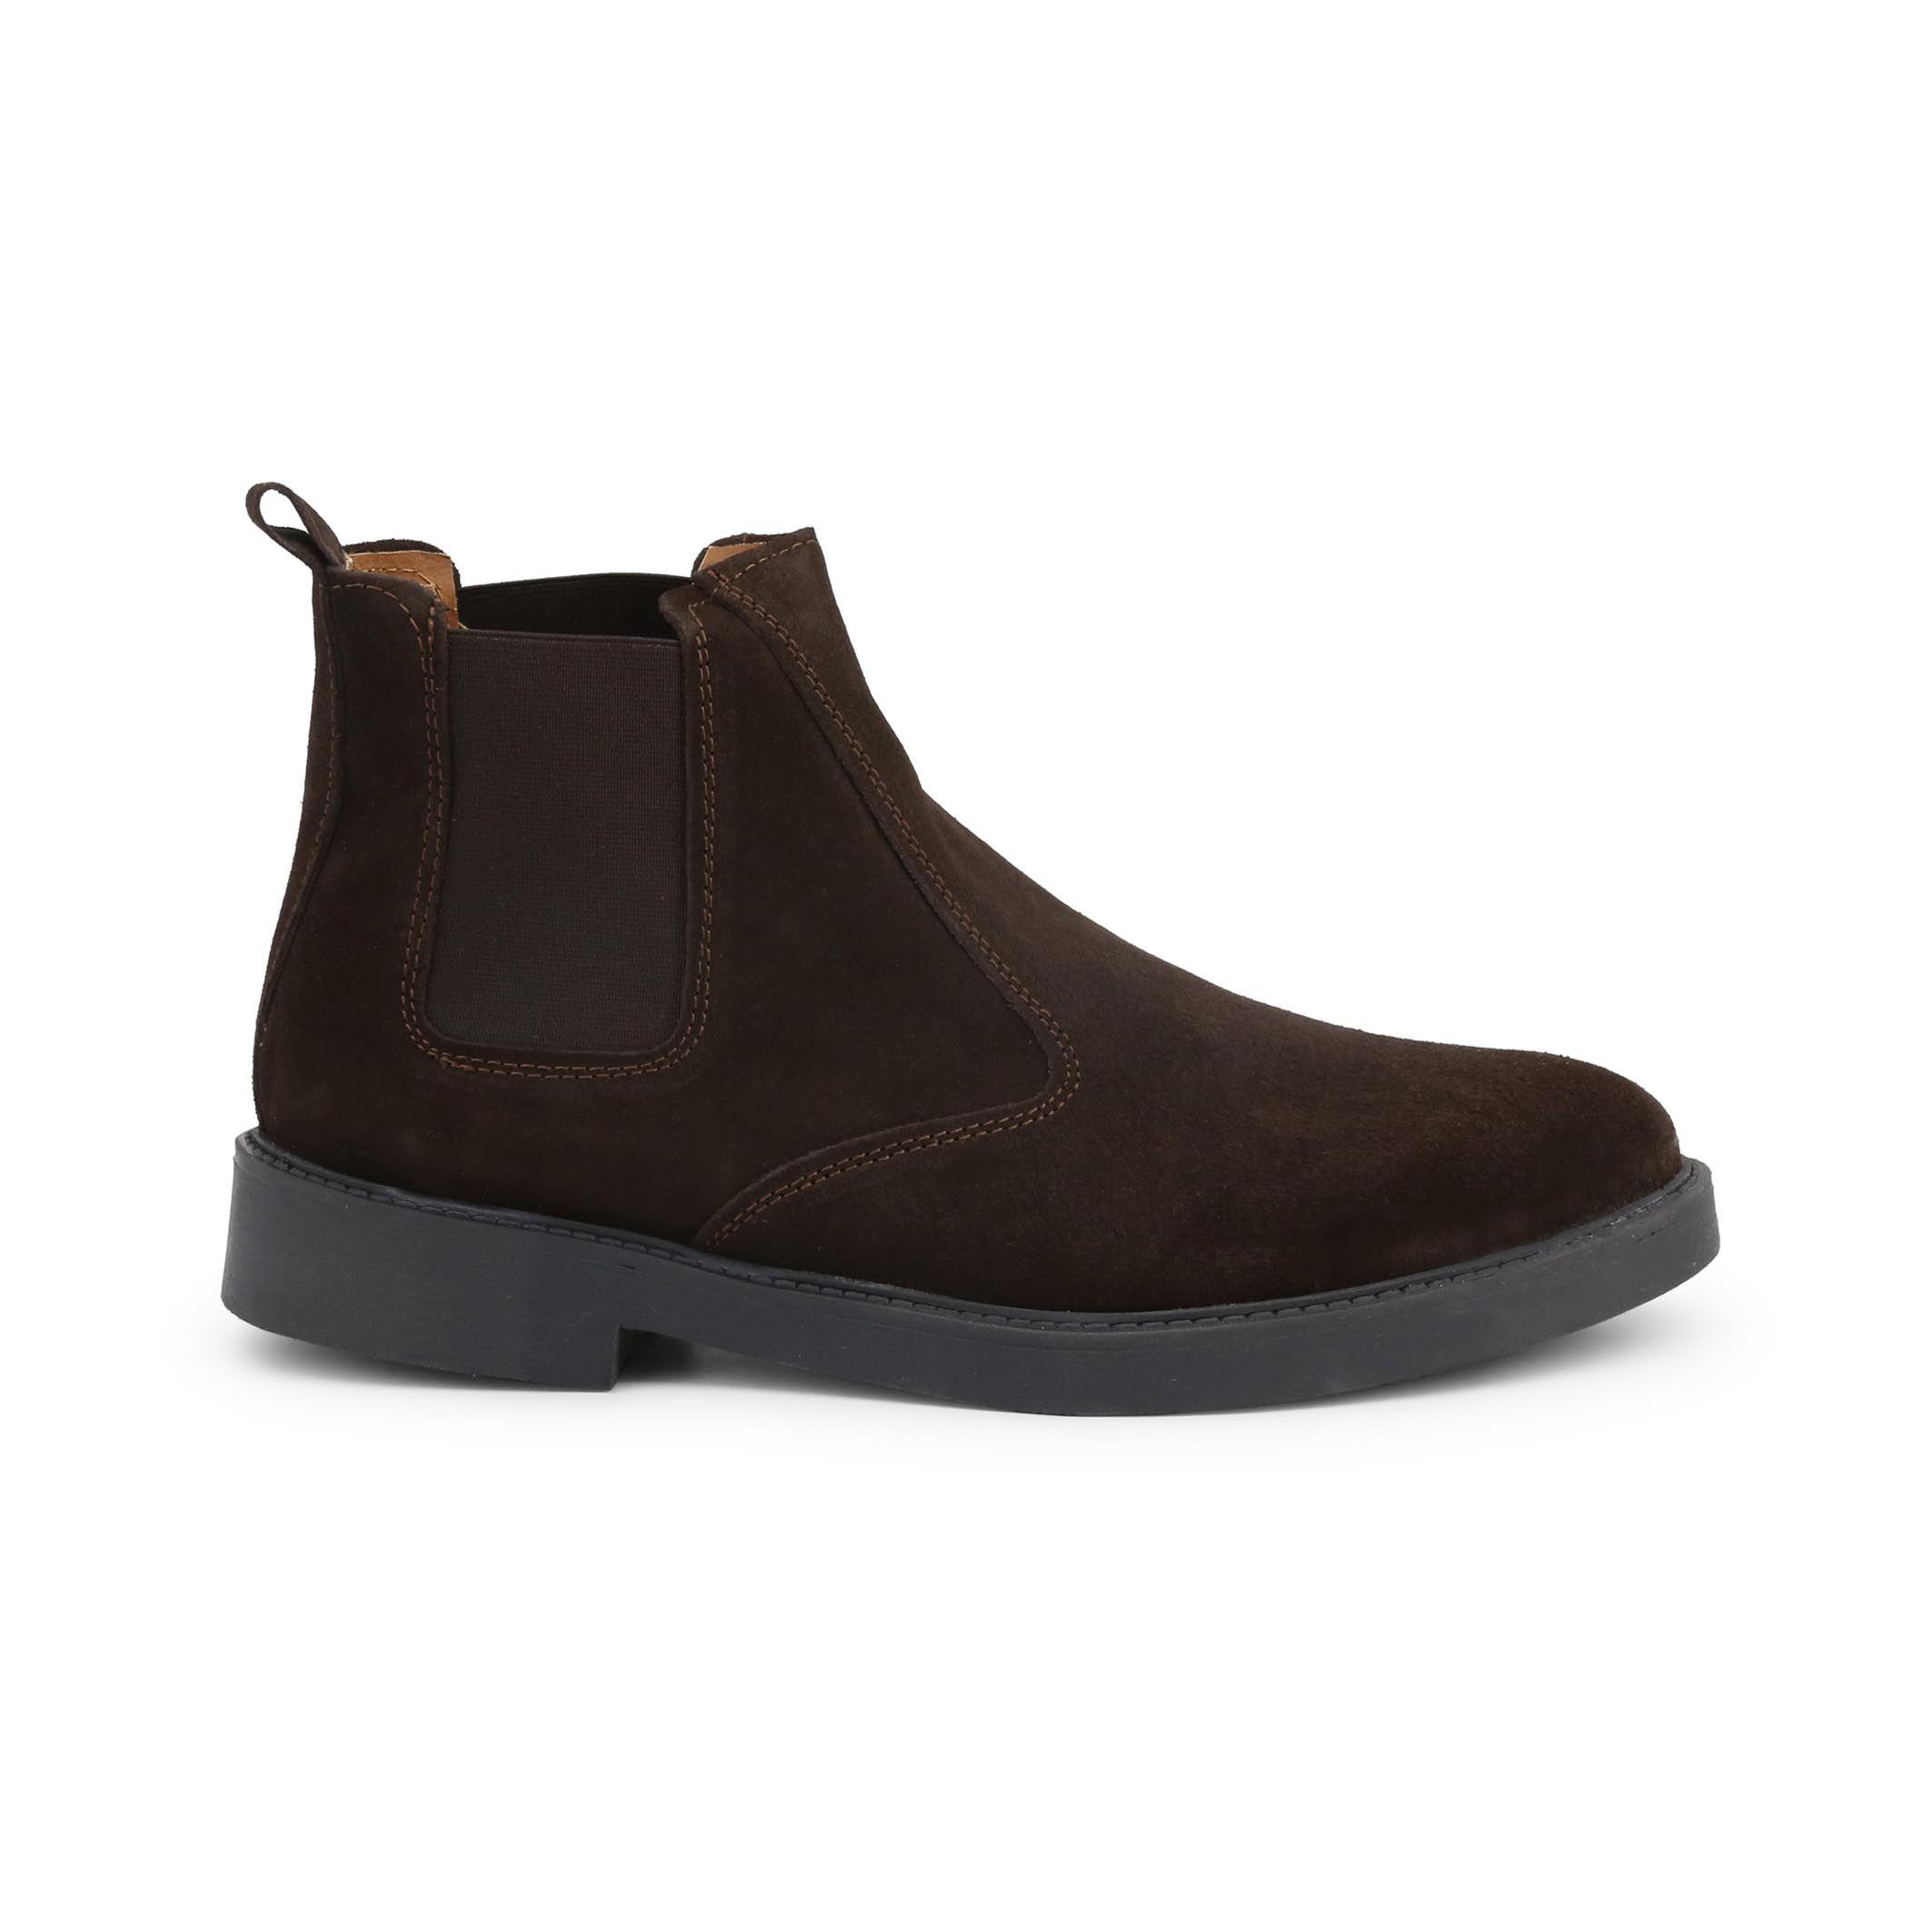 Schuhe SB 3012 – 100_CAMOSCIO – Braun